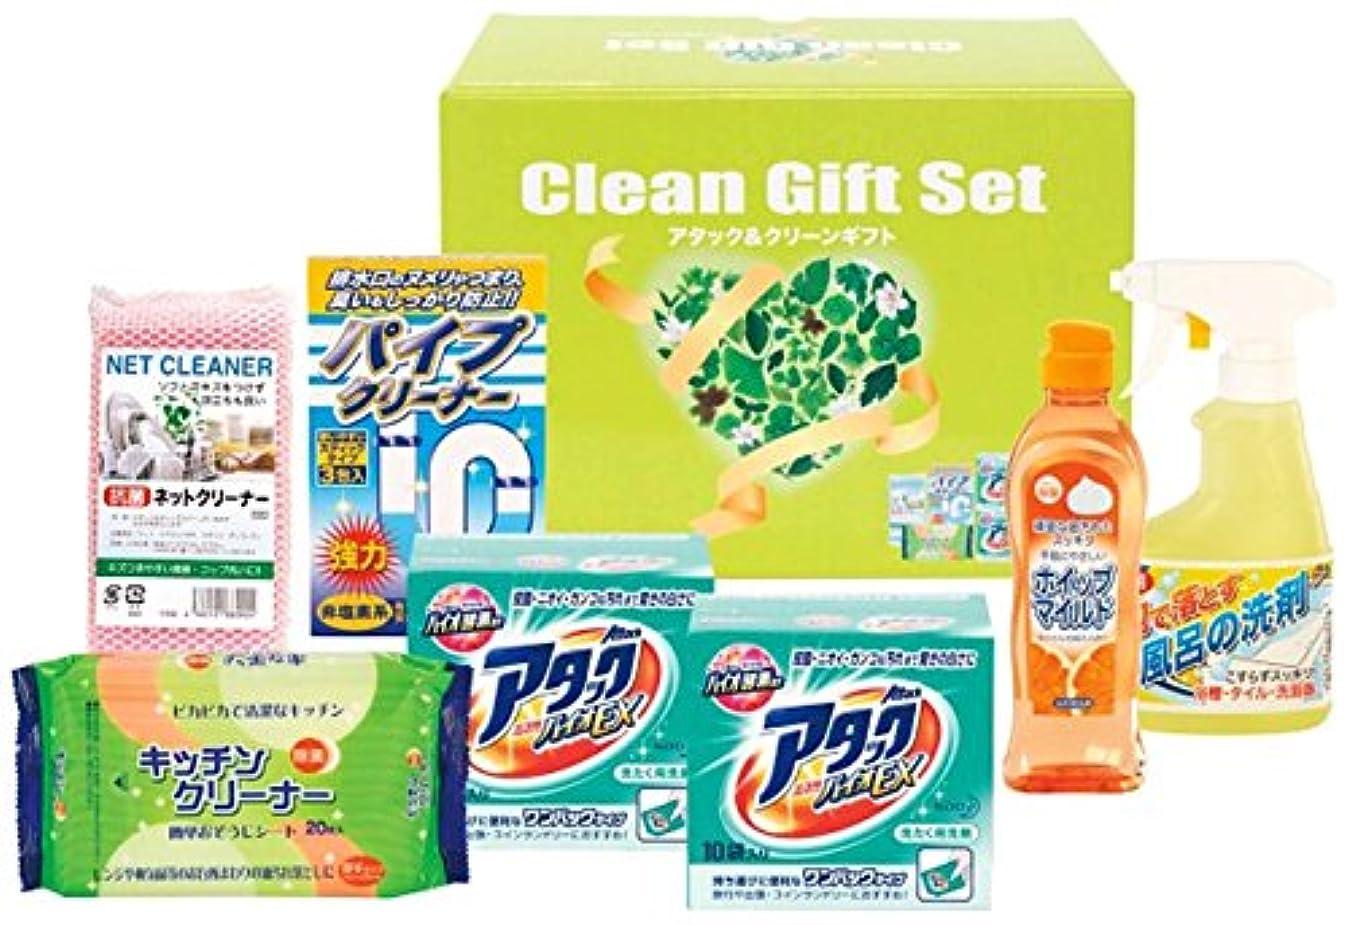 騒掃除体系的に花王 アタック 洗濯 洗剤 &クリーン 贈答 ギフト 7点セット KAG-25 6367